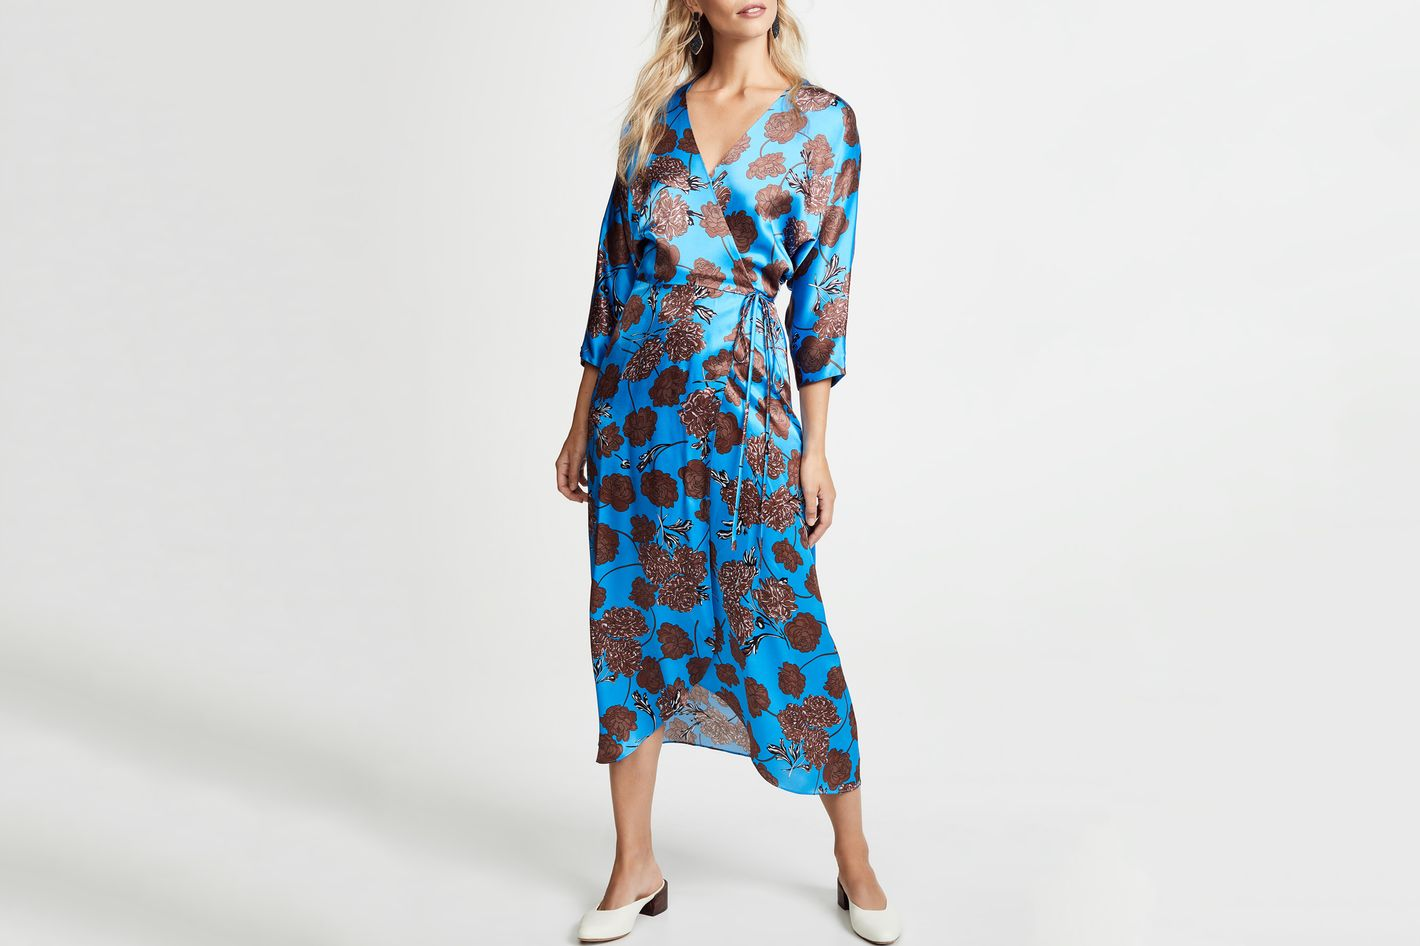 No. 6 Viola Wrap Dress